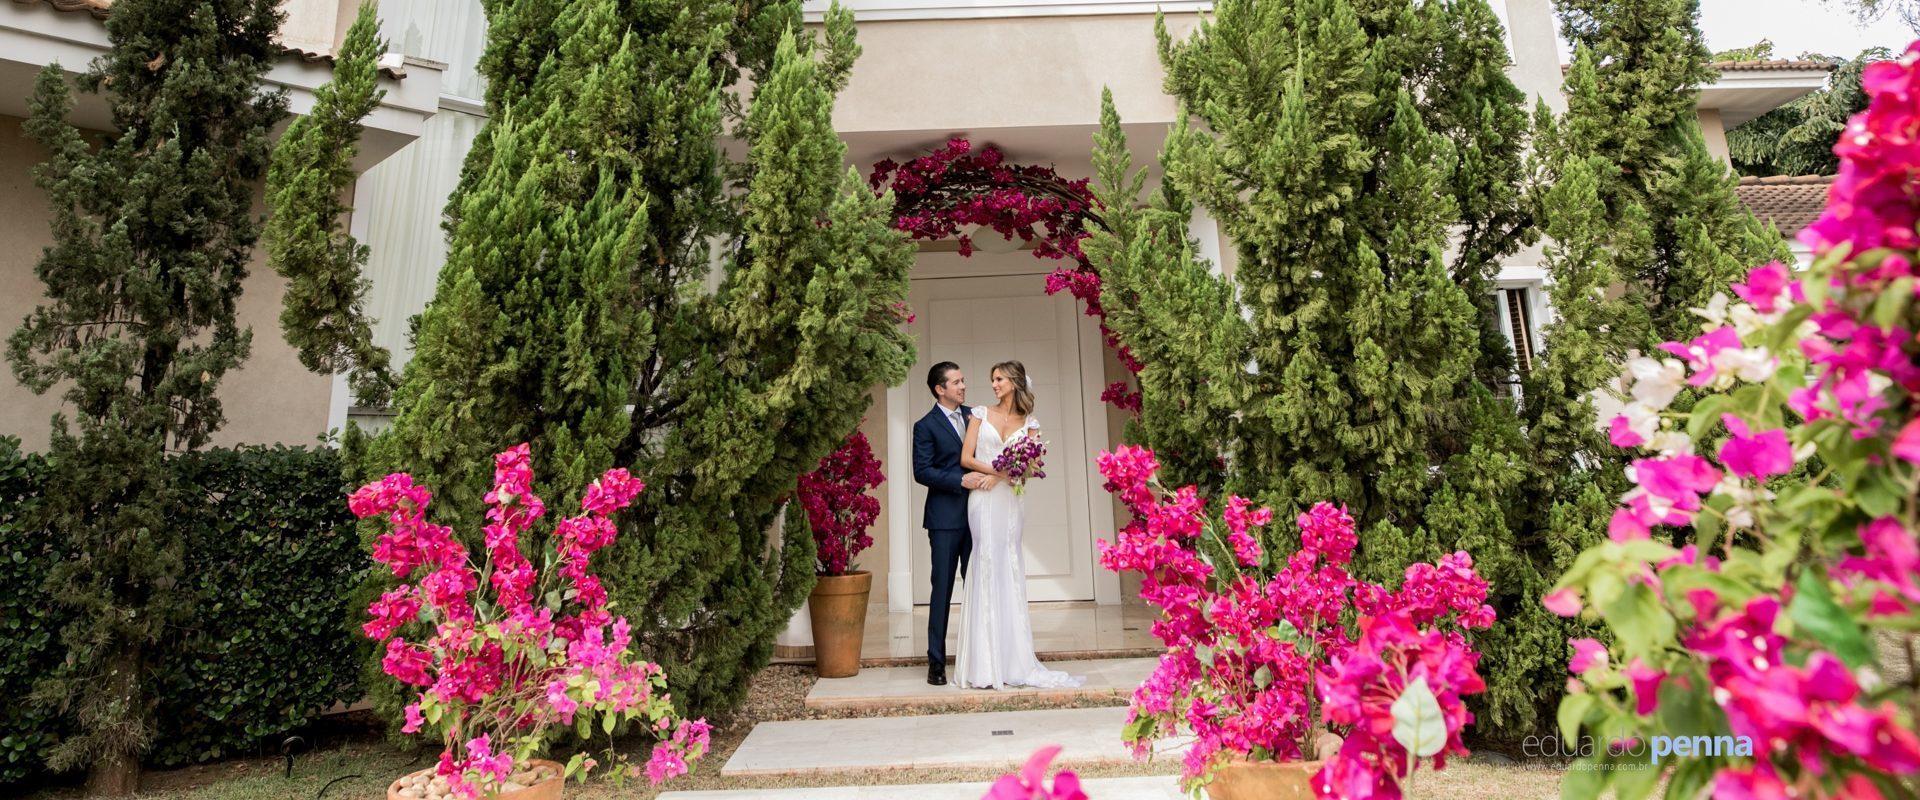 Casamento em casa: Larissa e Juliano